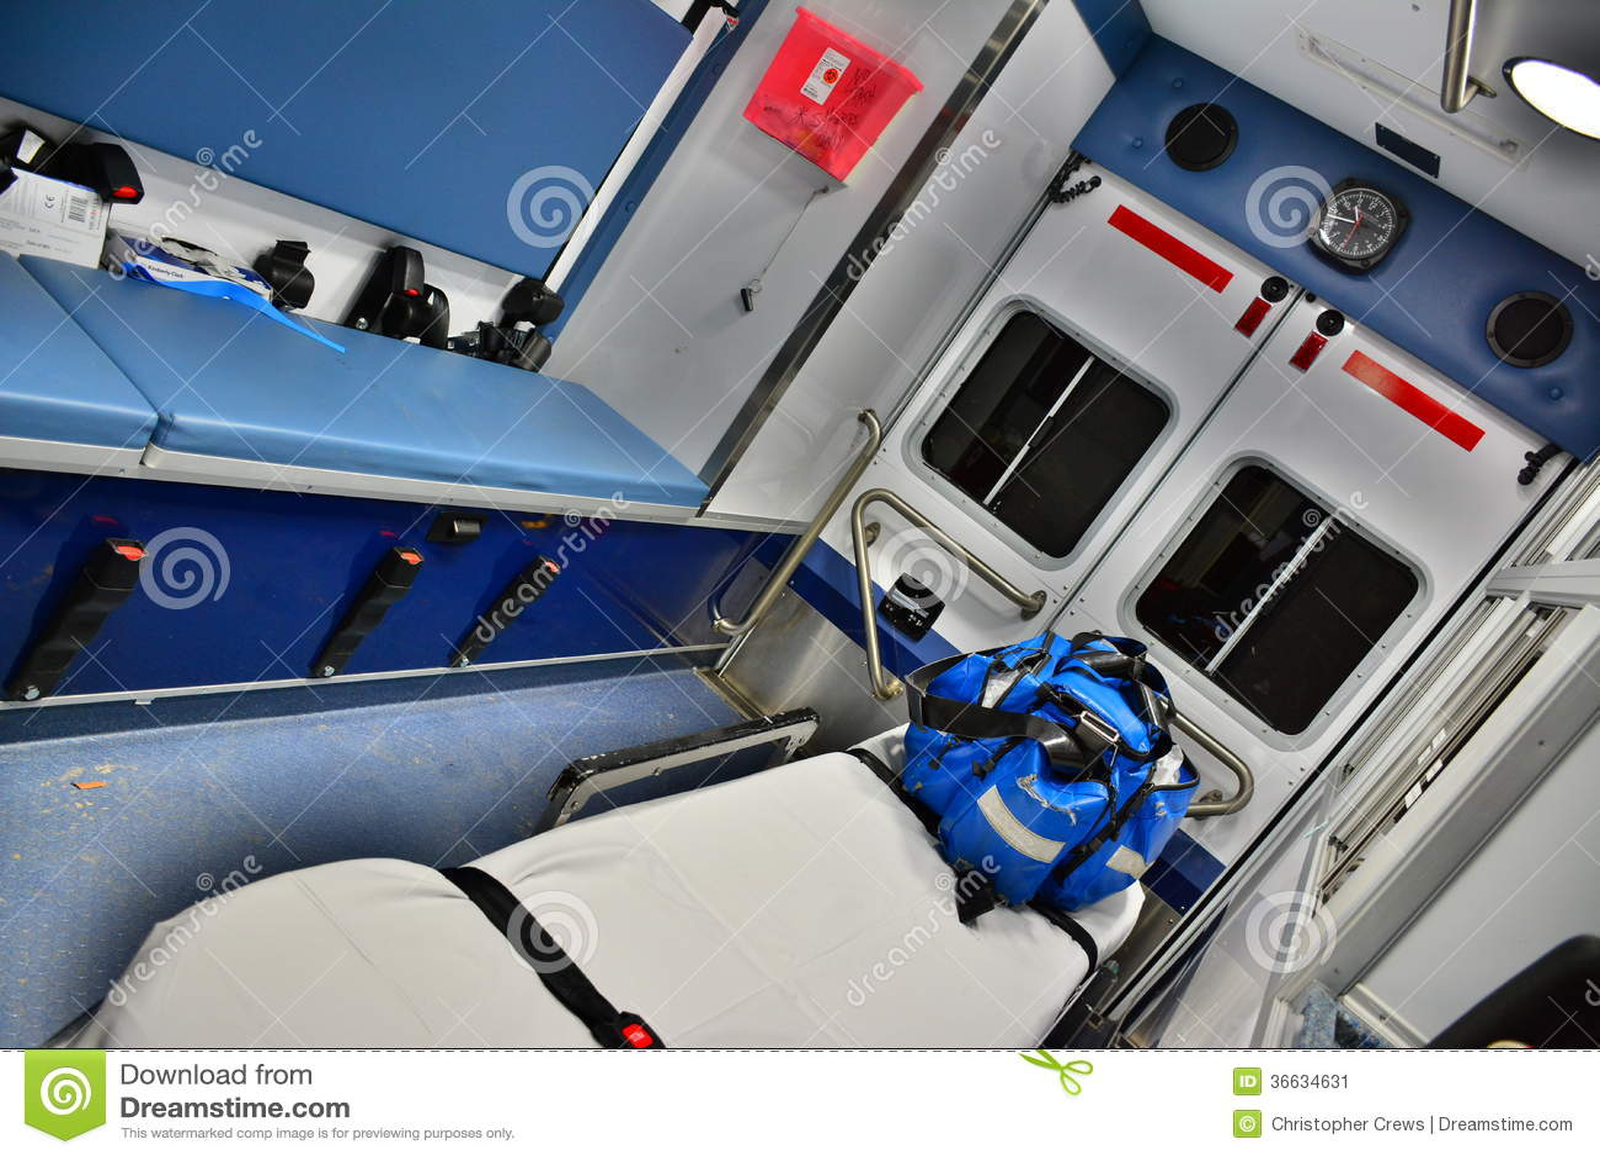 Ambulance de corps de sapeurs-pompiers, intérieure